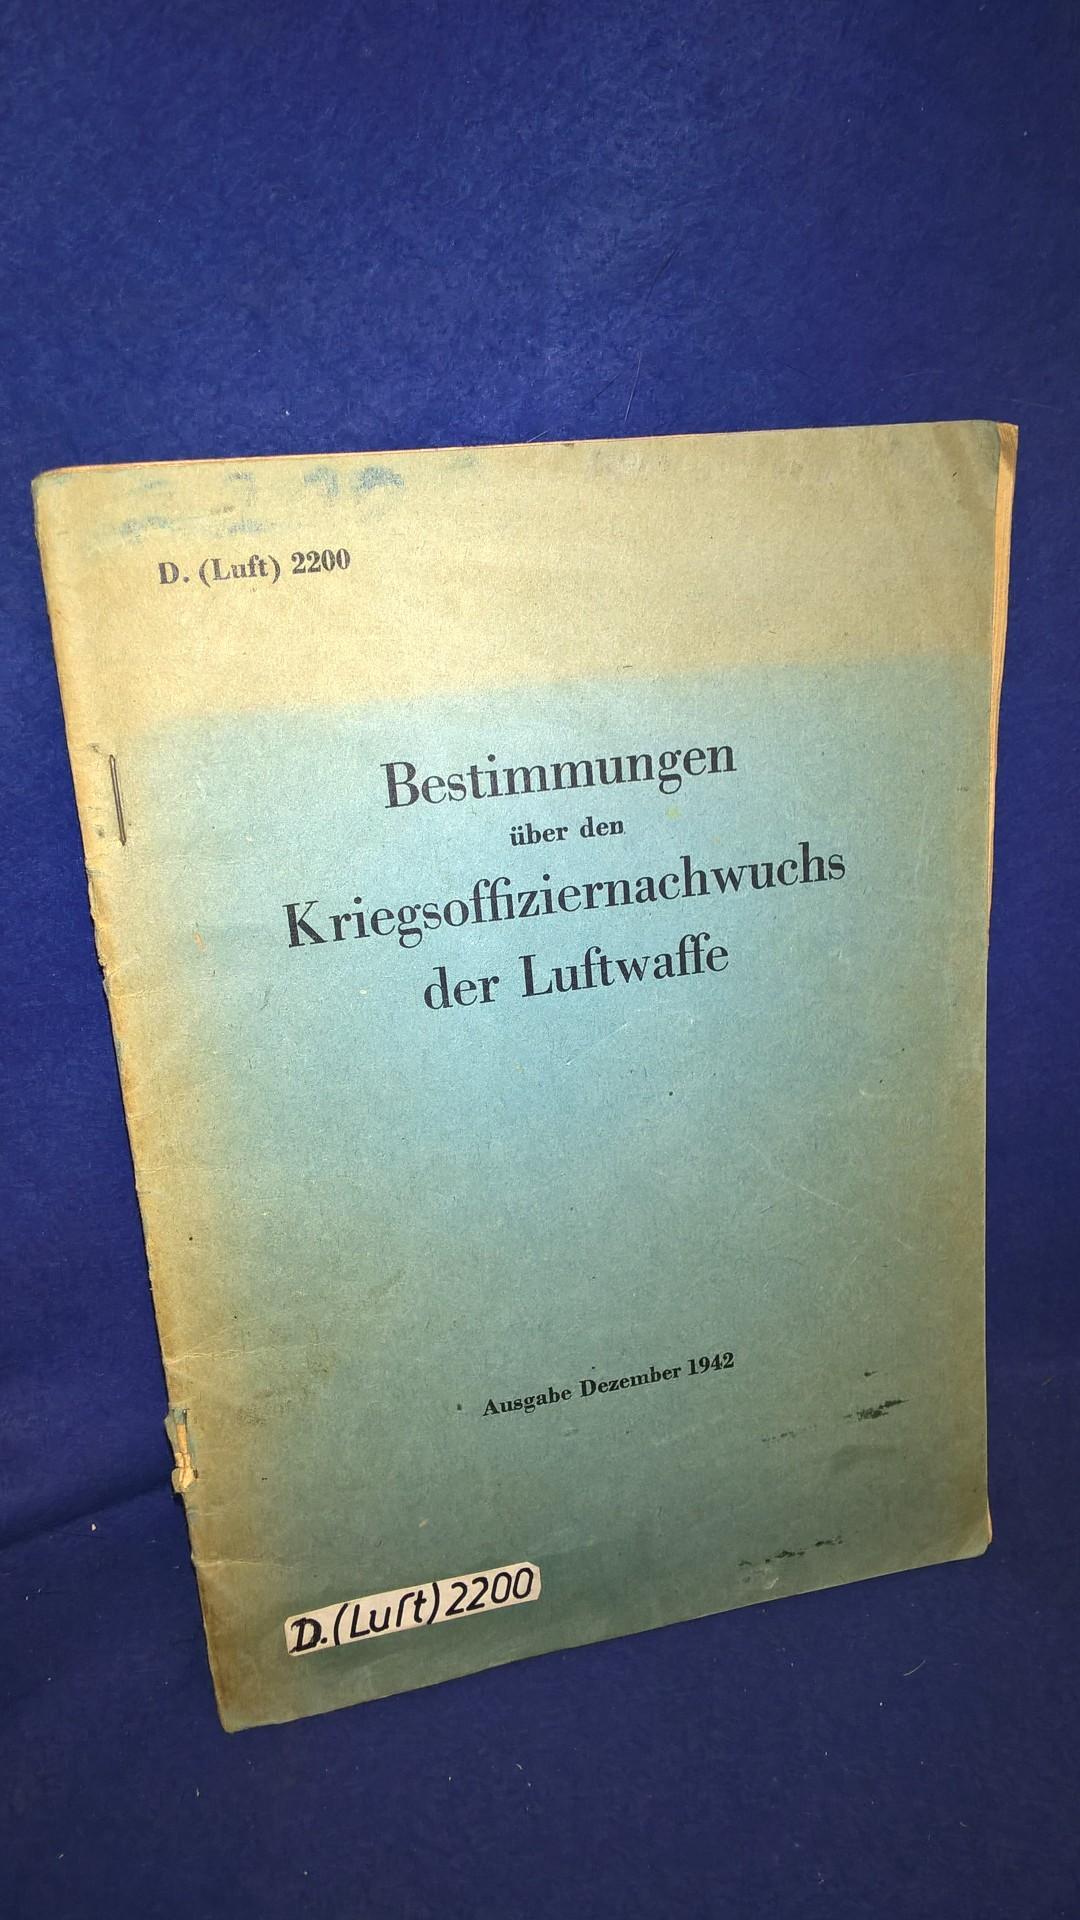 D. (Luft) 2200. Bestimmungen über den Kriegsoffiziernachwuchs der Luftwaffe. Ausgabe Dezember 1942!